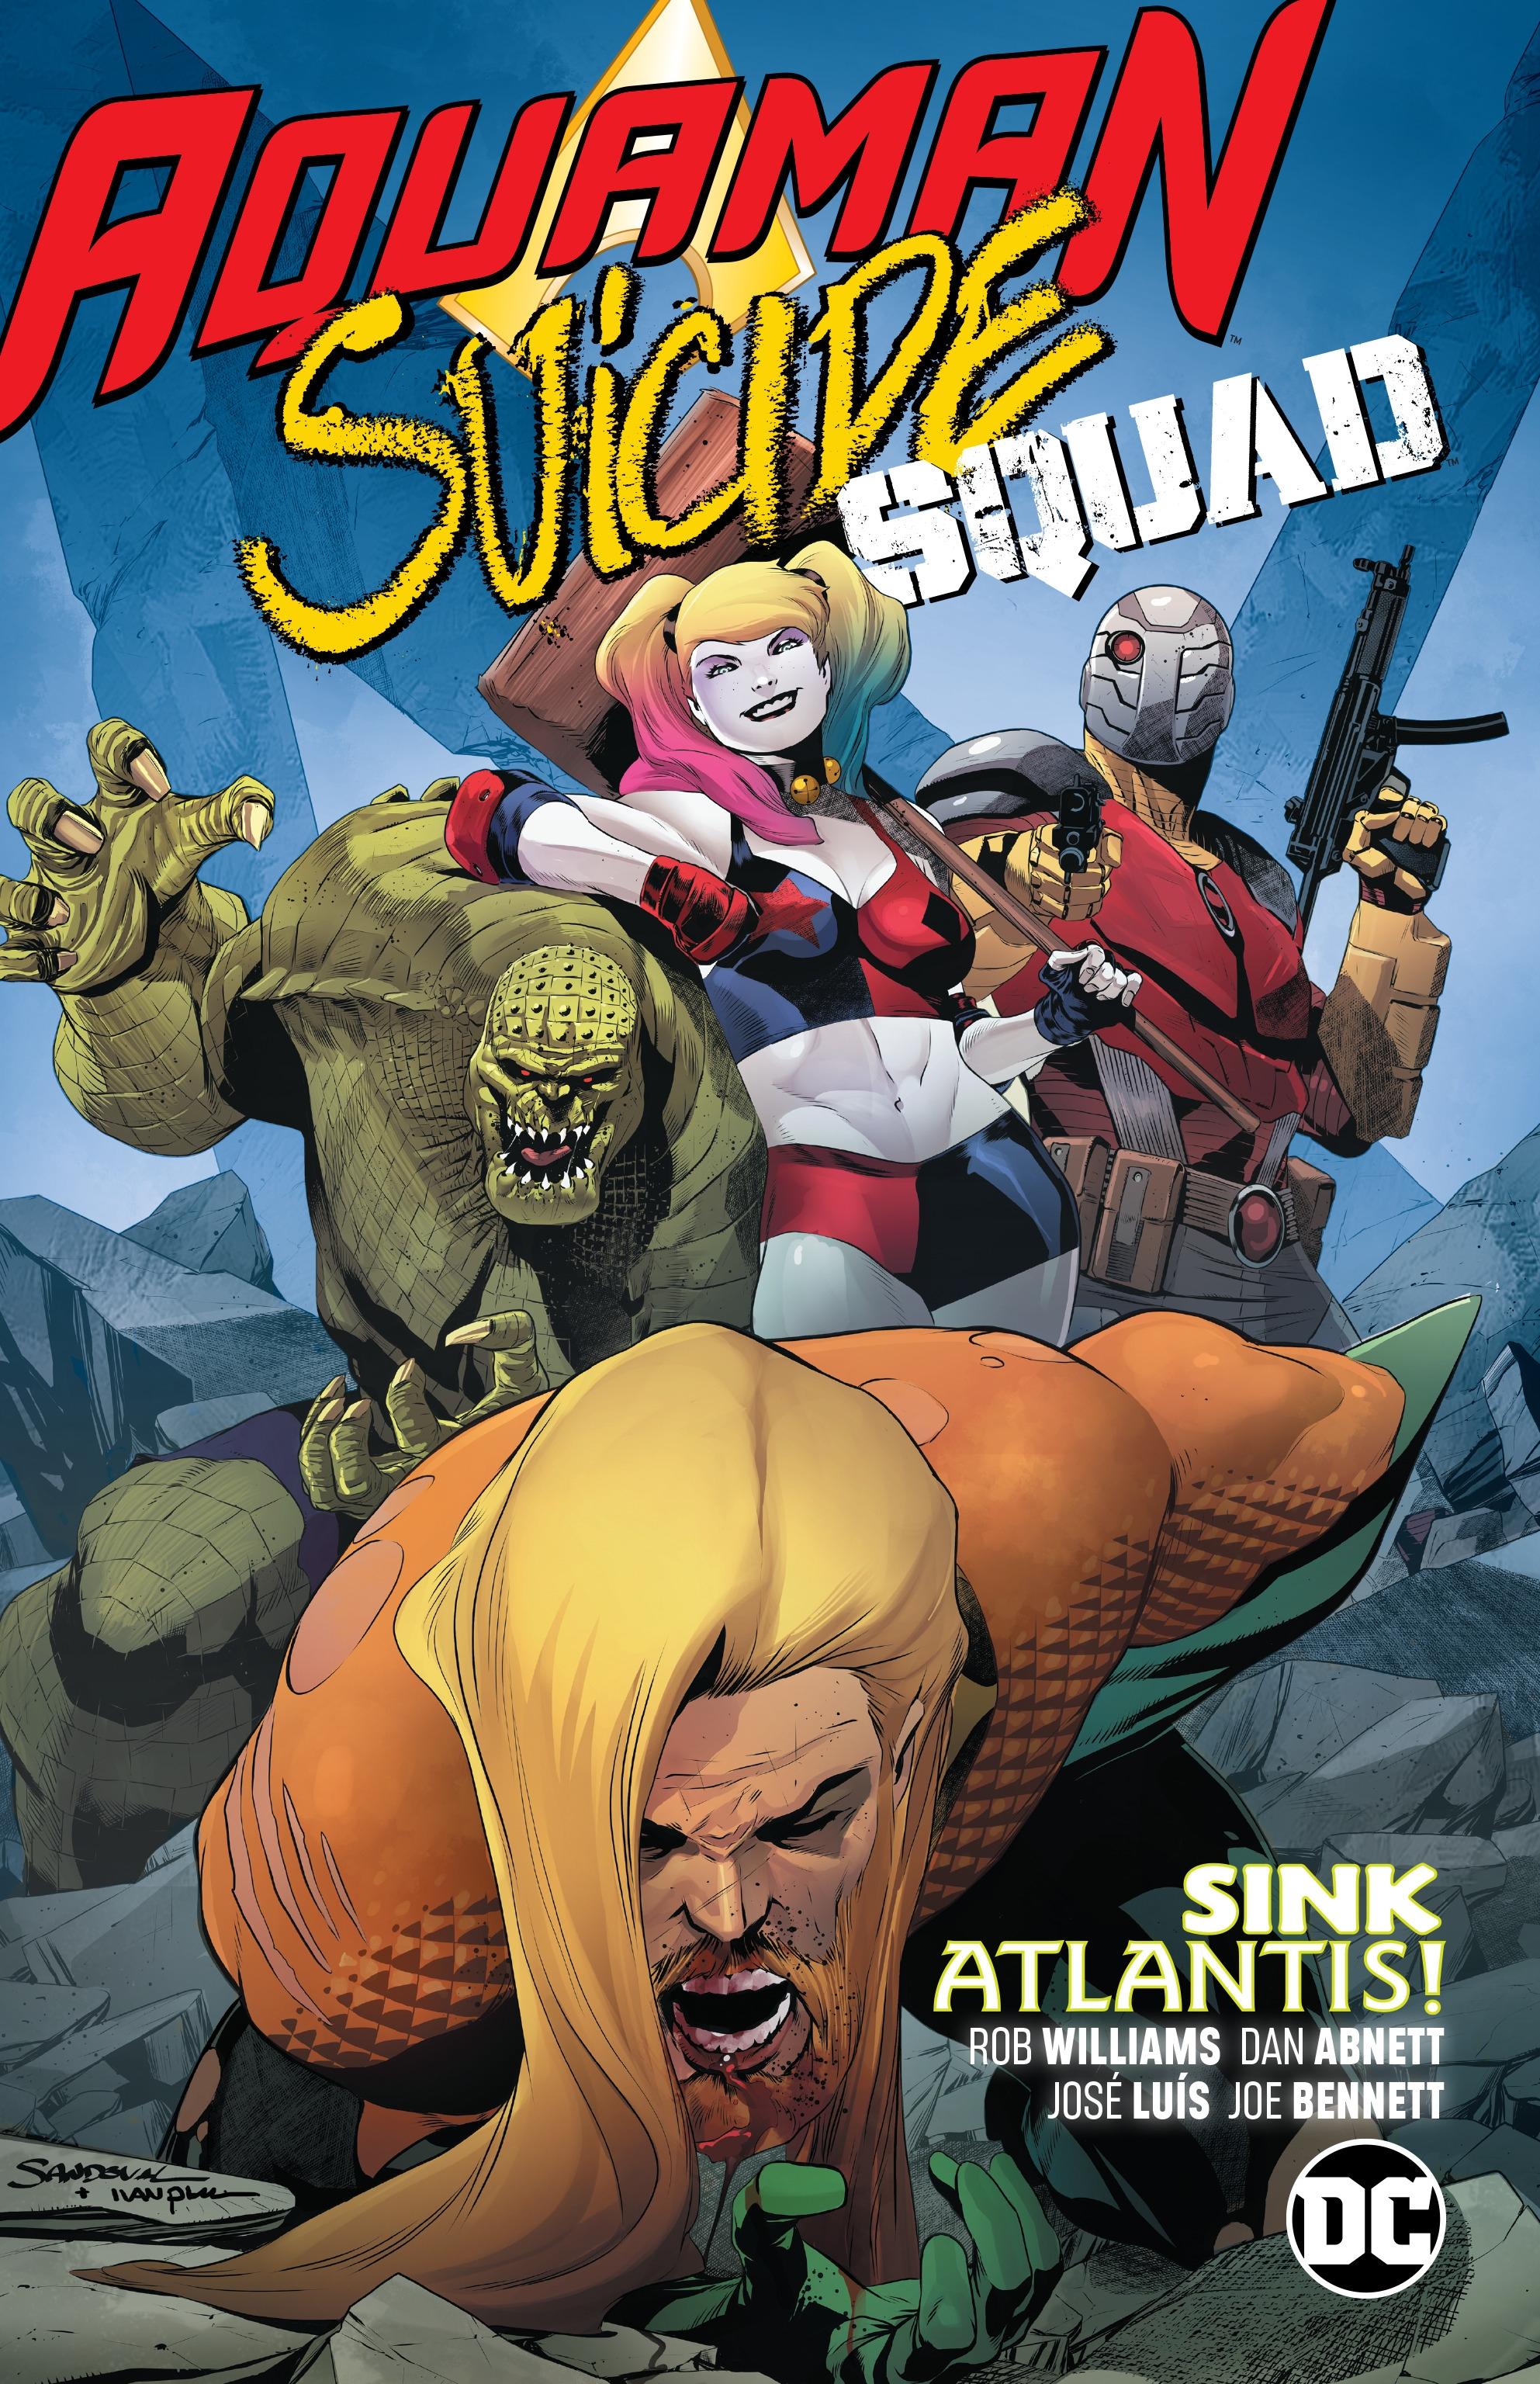 Aquaman/Suicide Squad Sink Atlantis